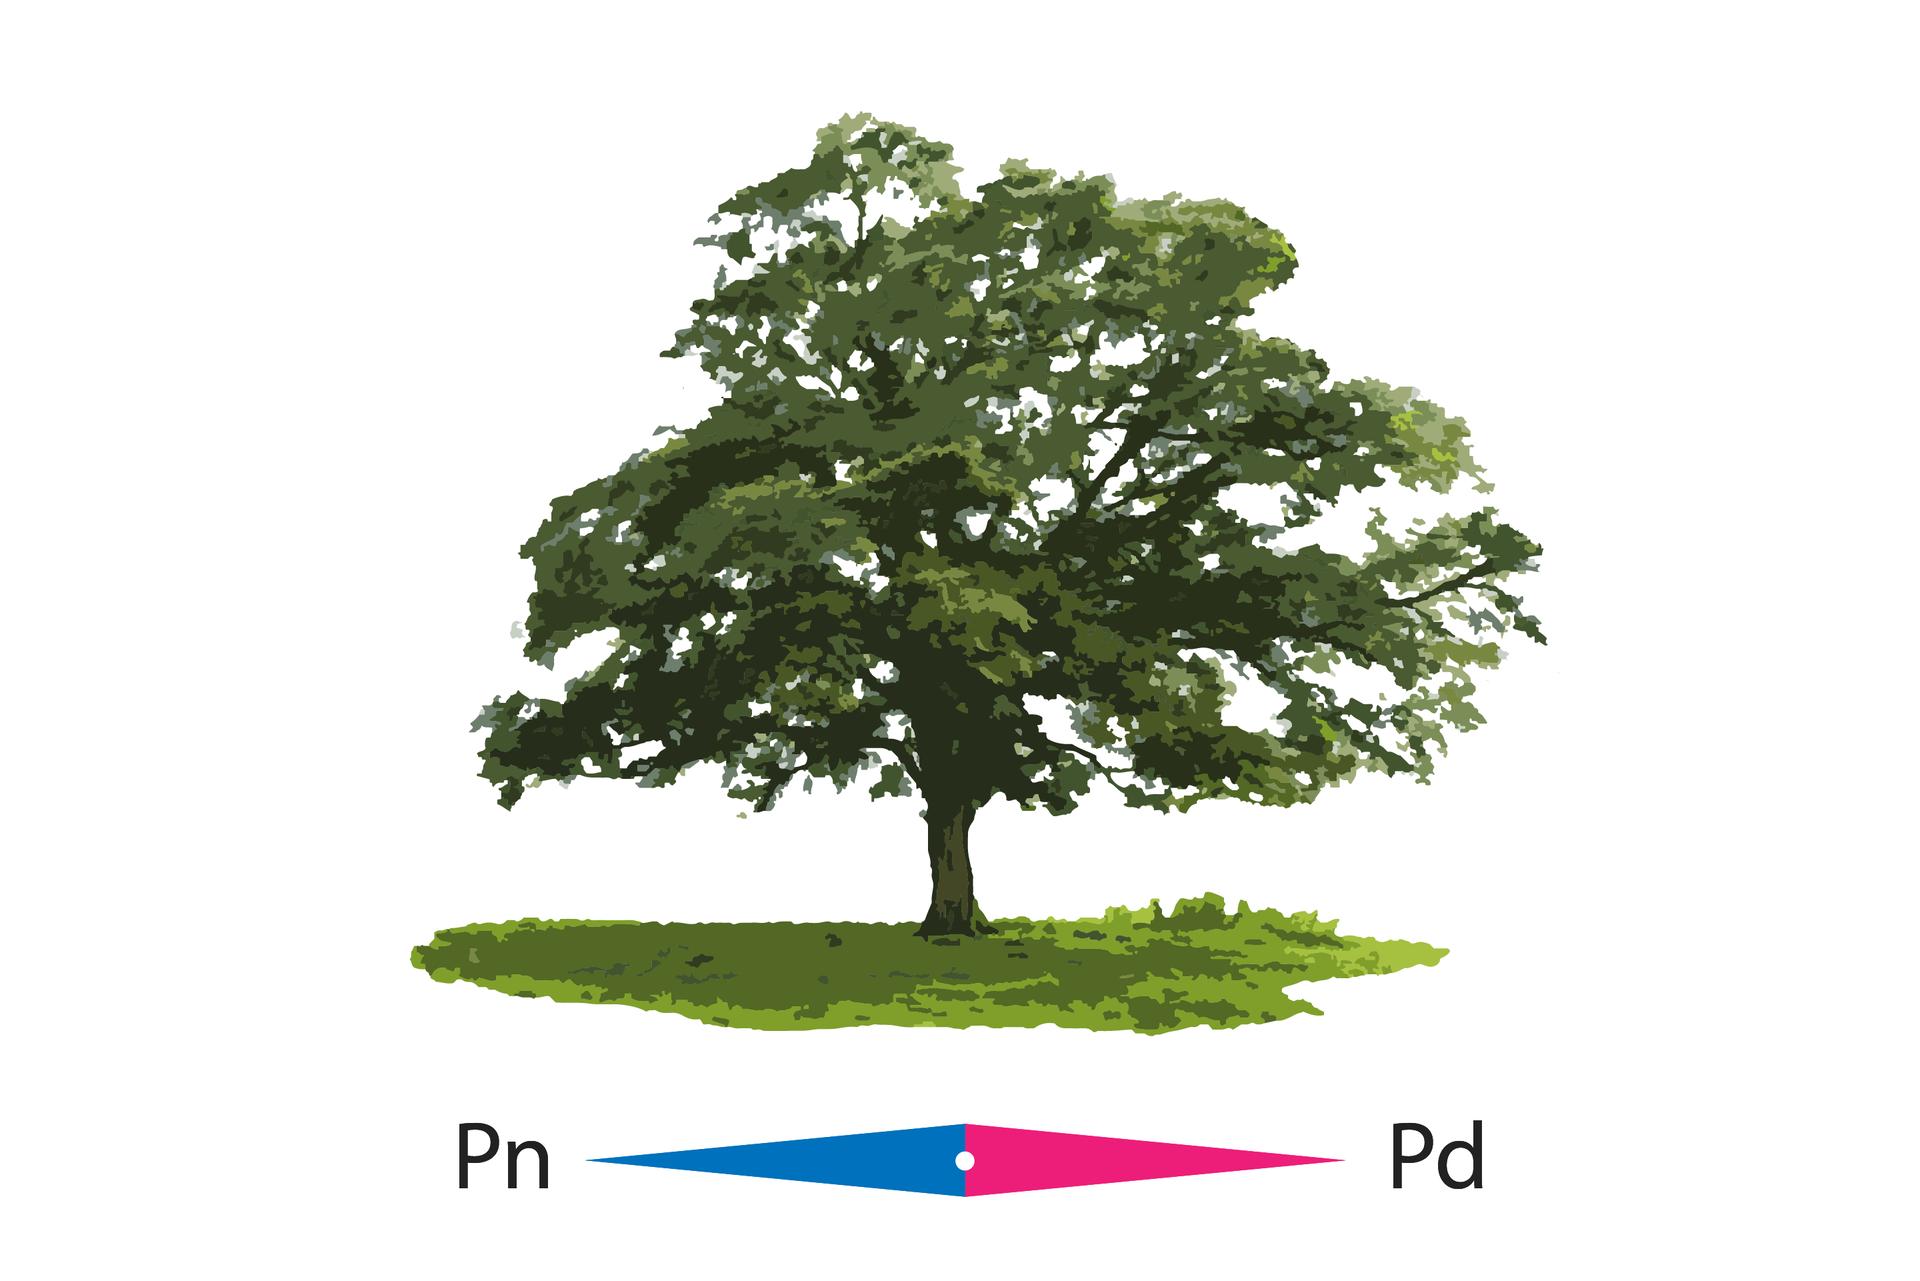 Na ilustracji znajduje się samotnie stojące drzewo, którego korona jest bardziej rozbudowana od strony południowej niż od północnej